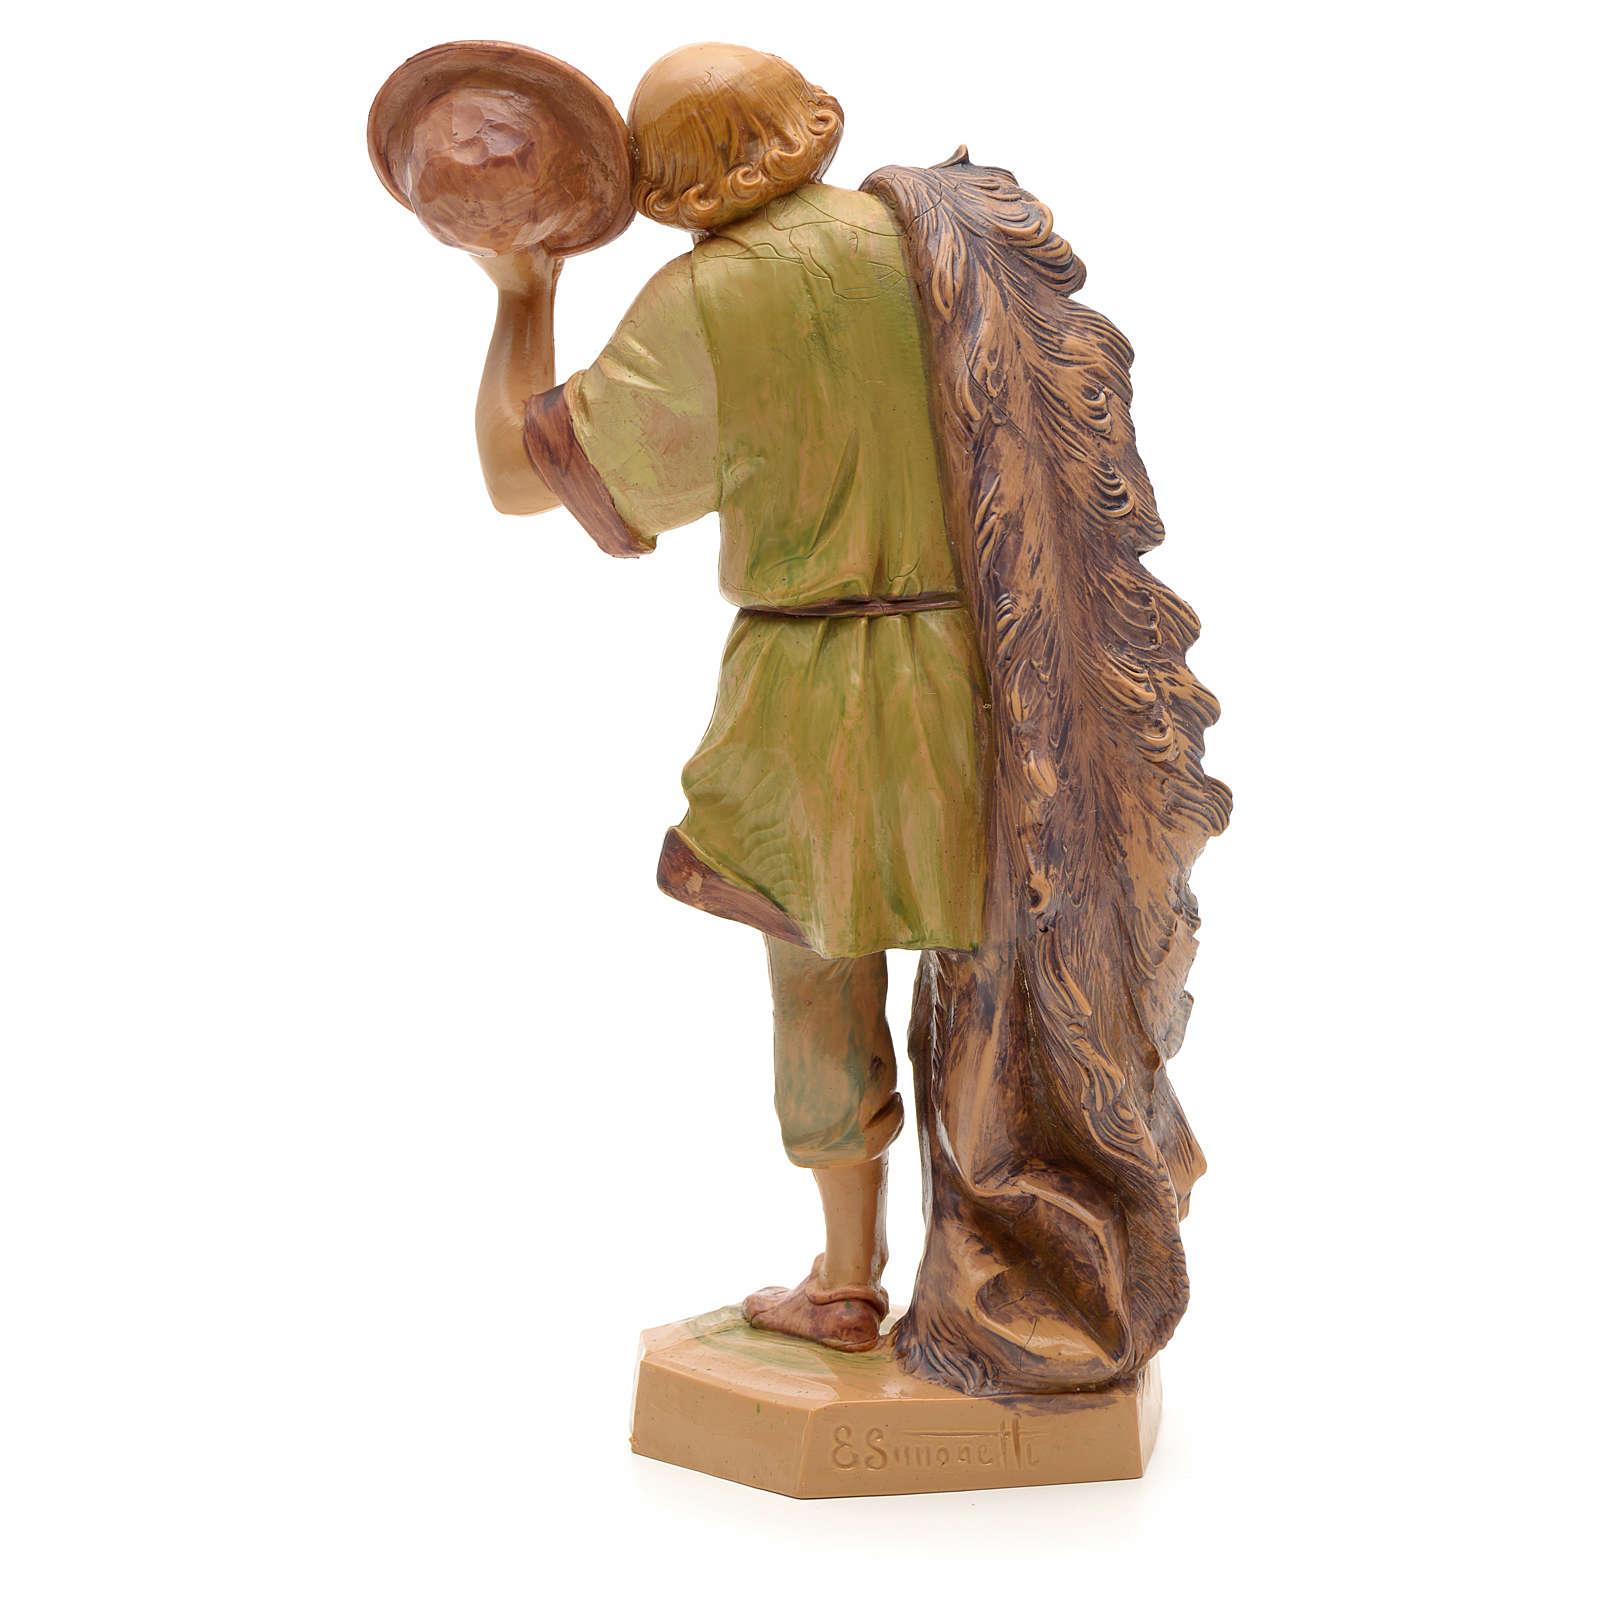 Pastore con cappello levato 19 cm Fontanini 3